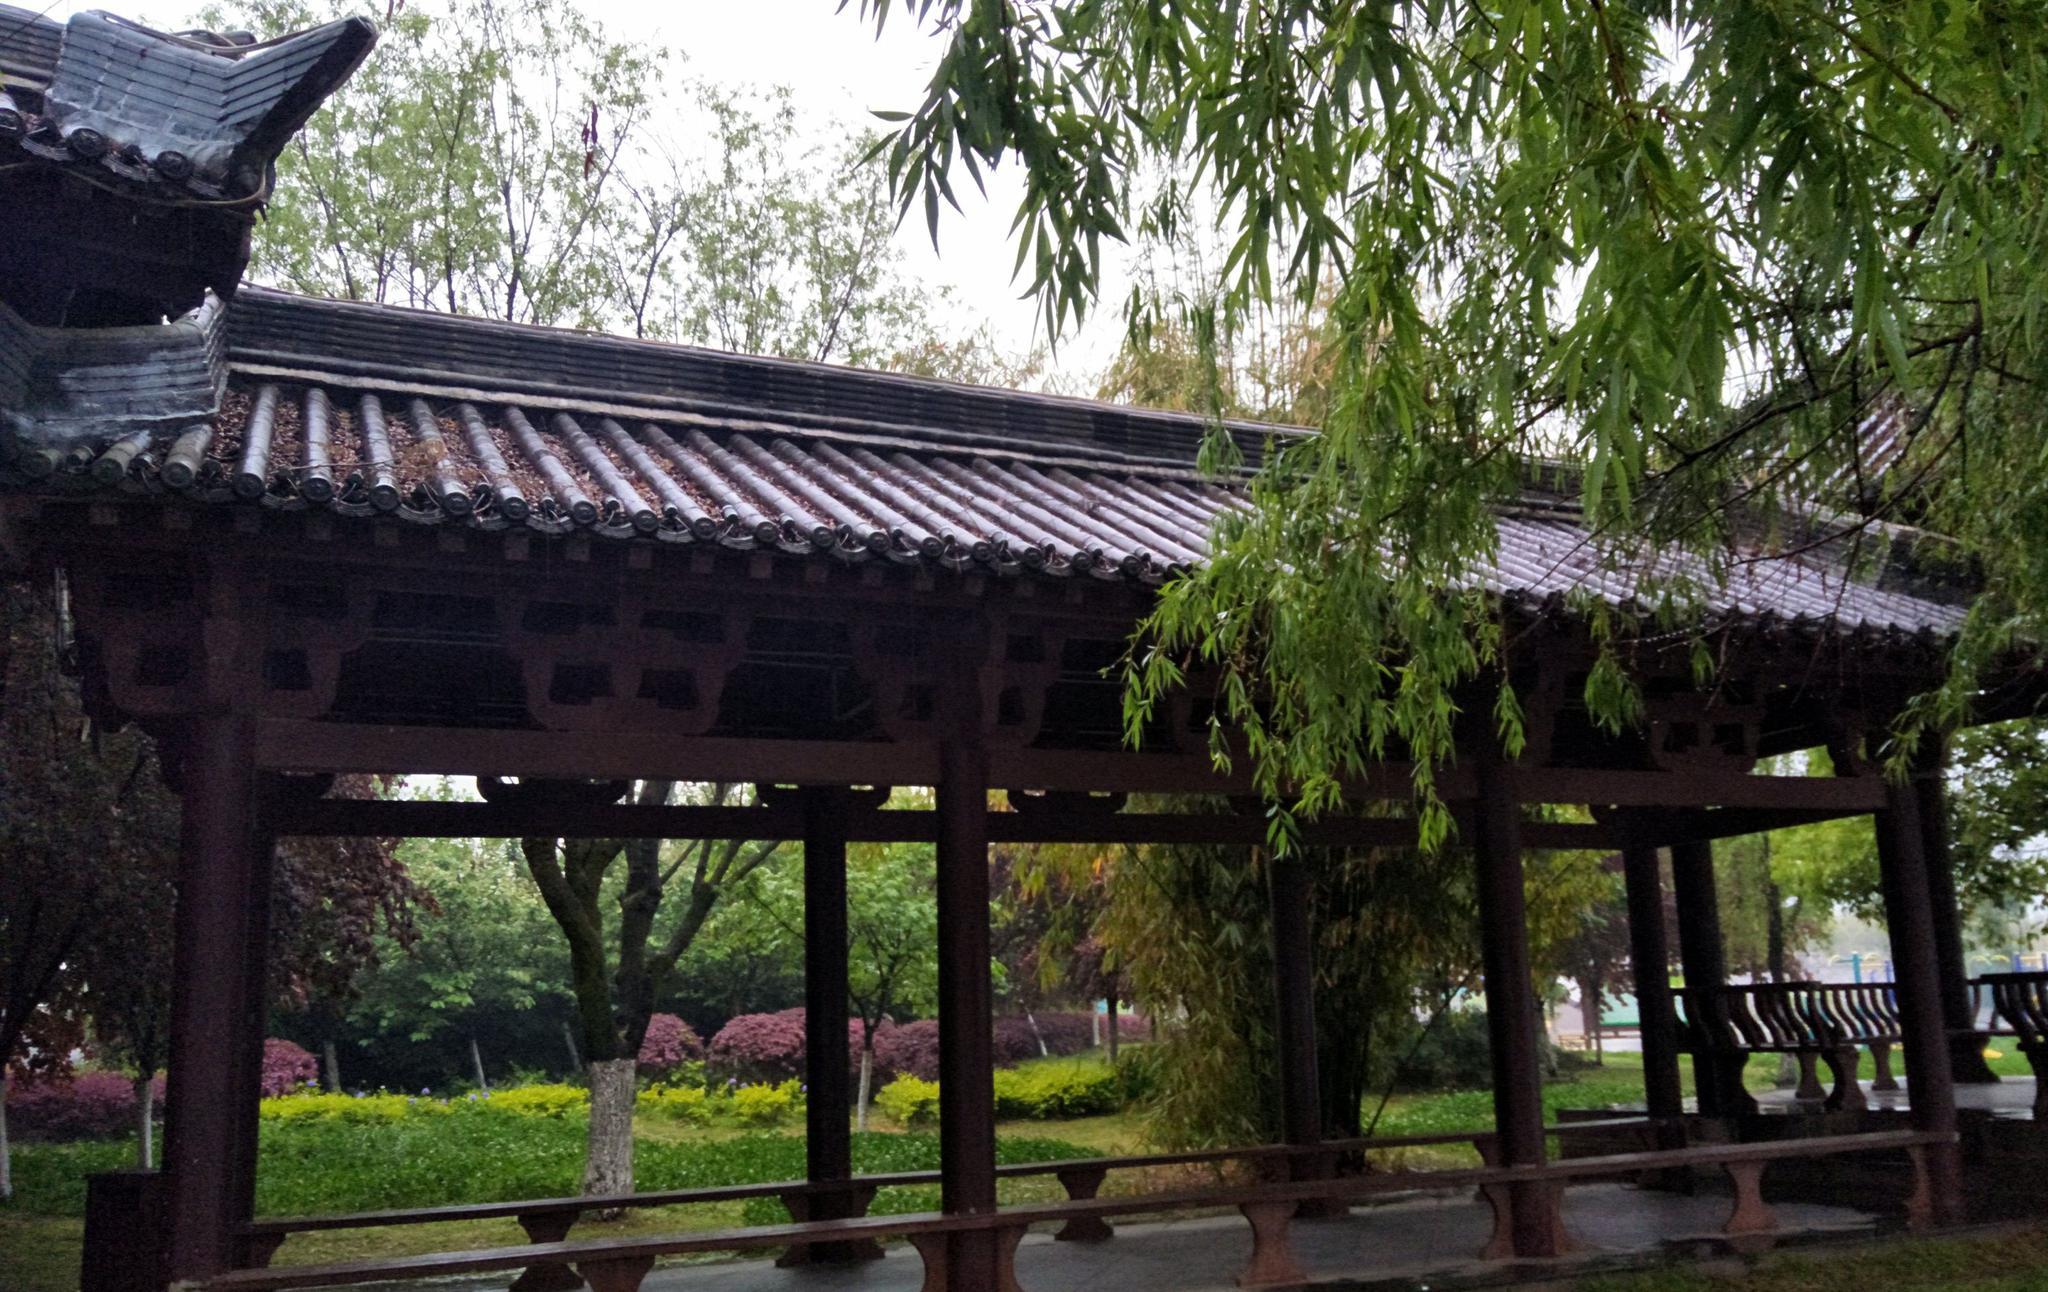 立冬节气还没到,汉中的天气咋就这么冷